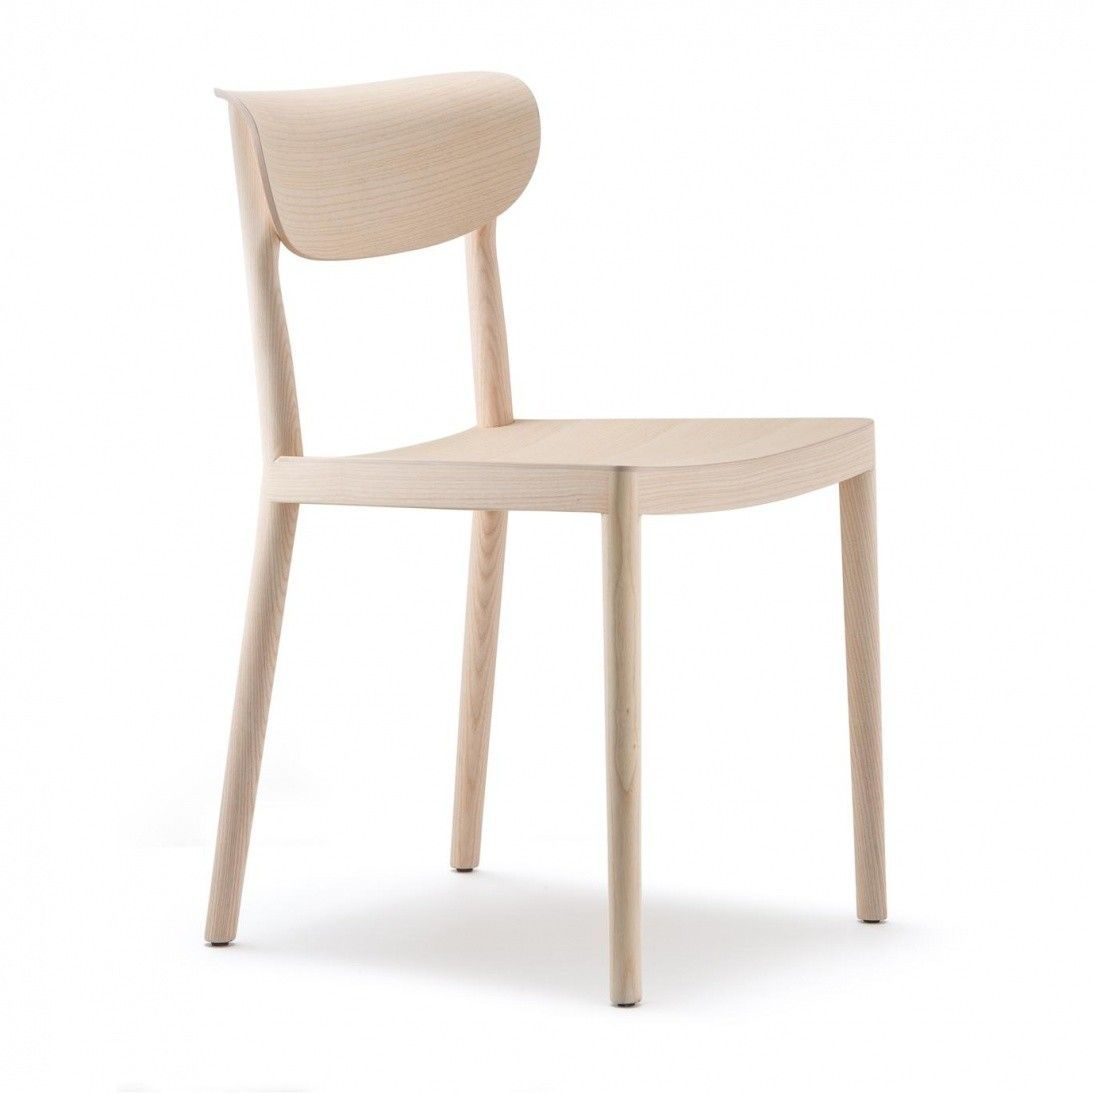 Pedrali Tivoli 2800 Stuhl Holzstuhle Stuhle Coole Stuhle